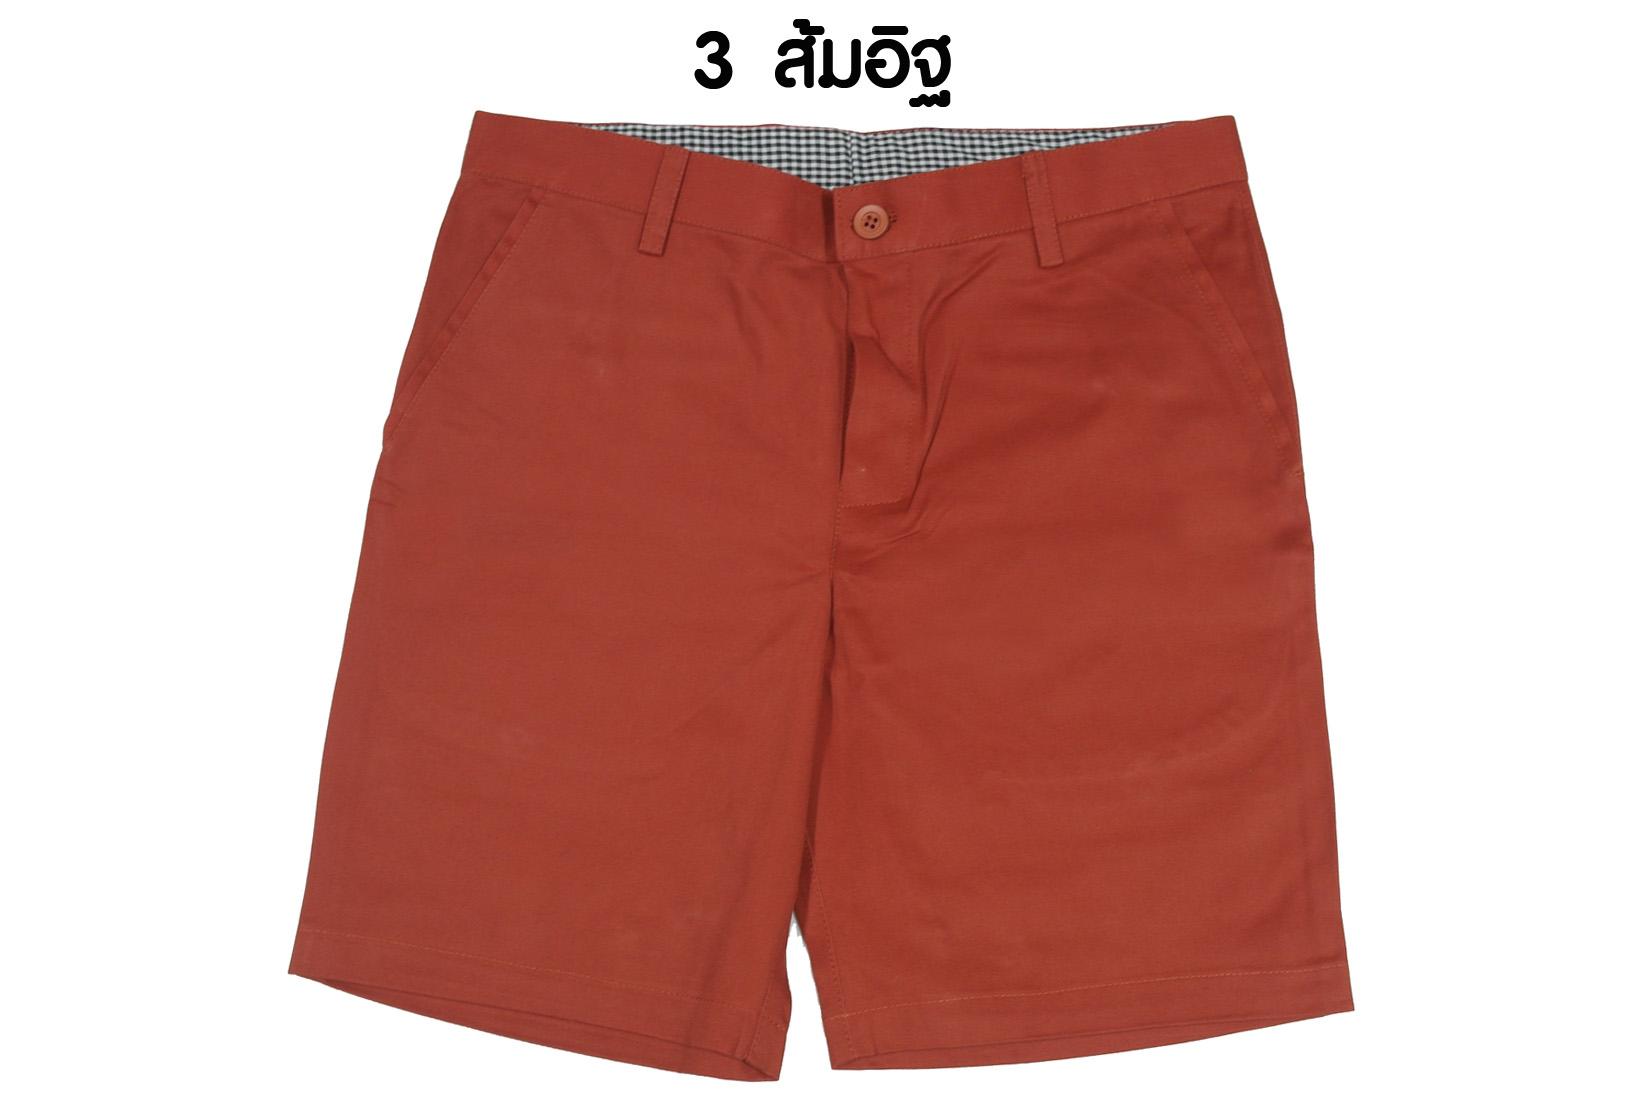 กางเกงขาสั้น รุ่น 503 (สีส้มอิฐ)